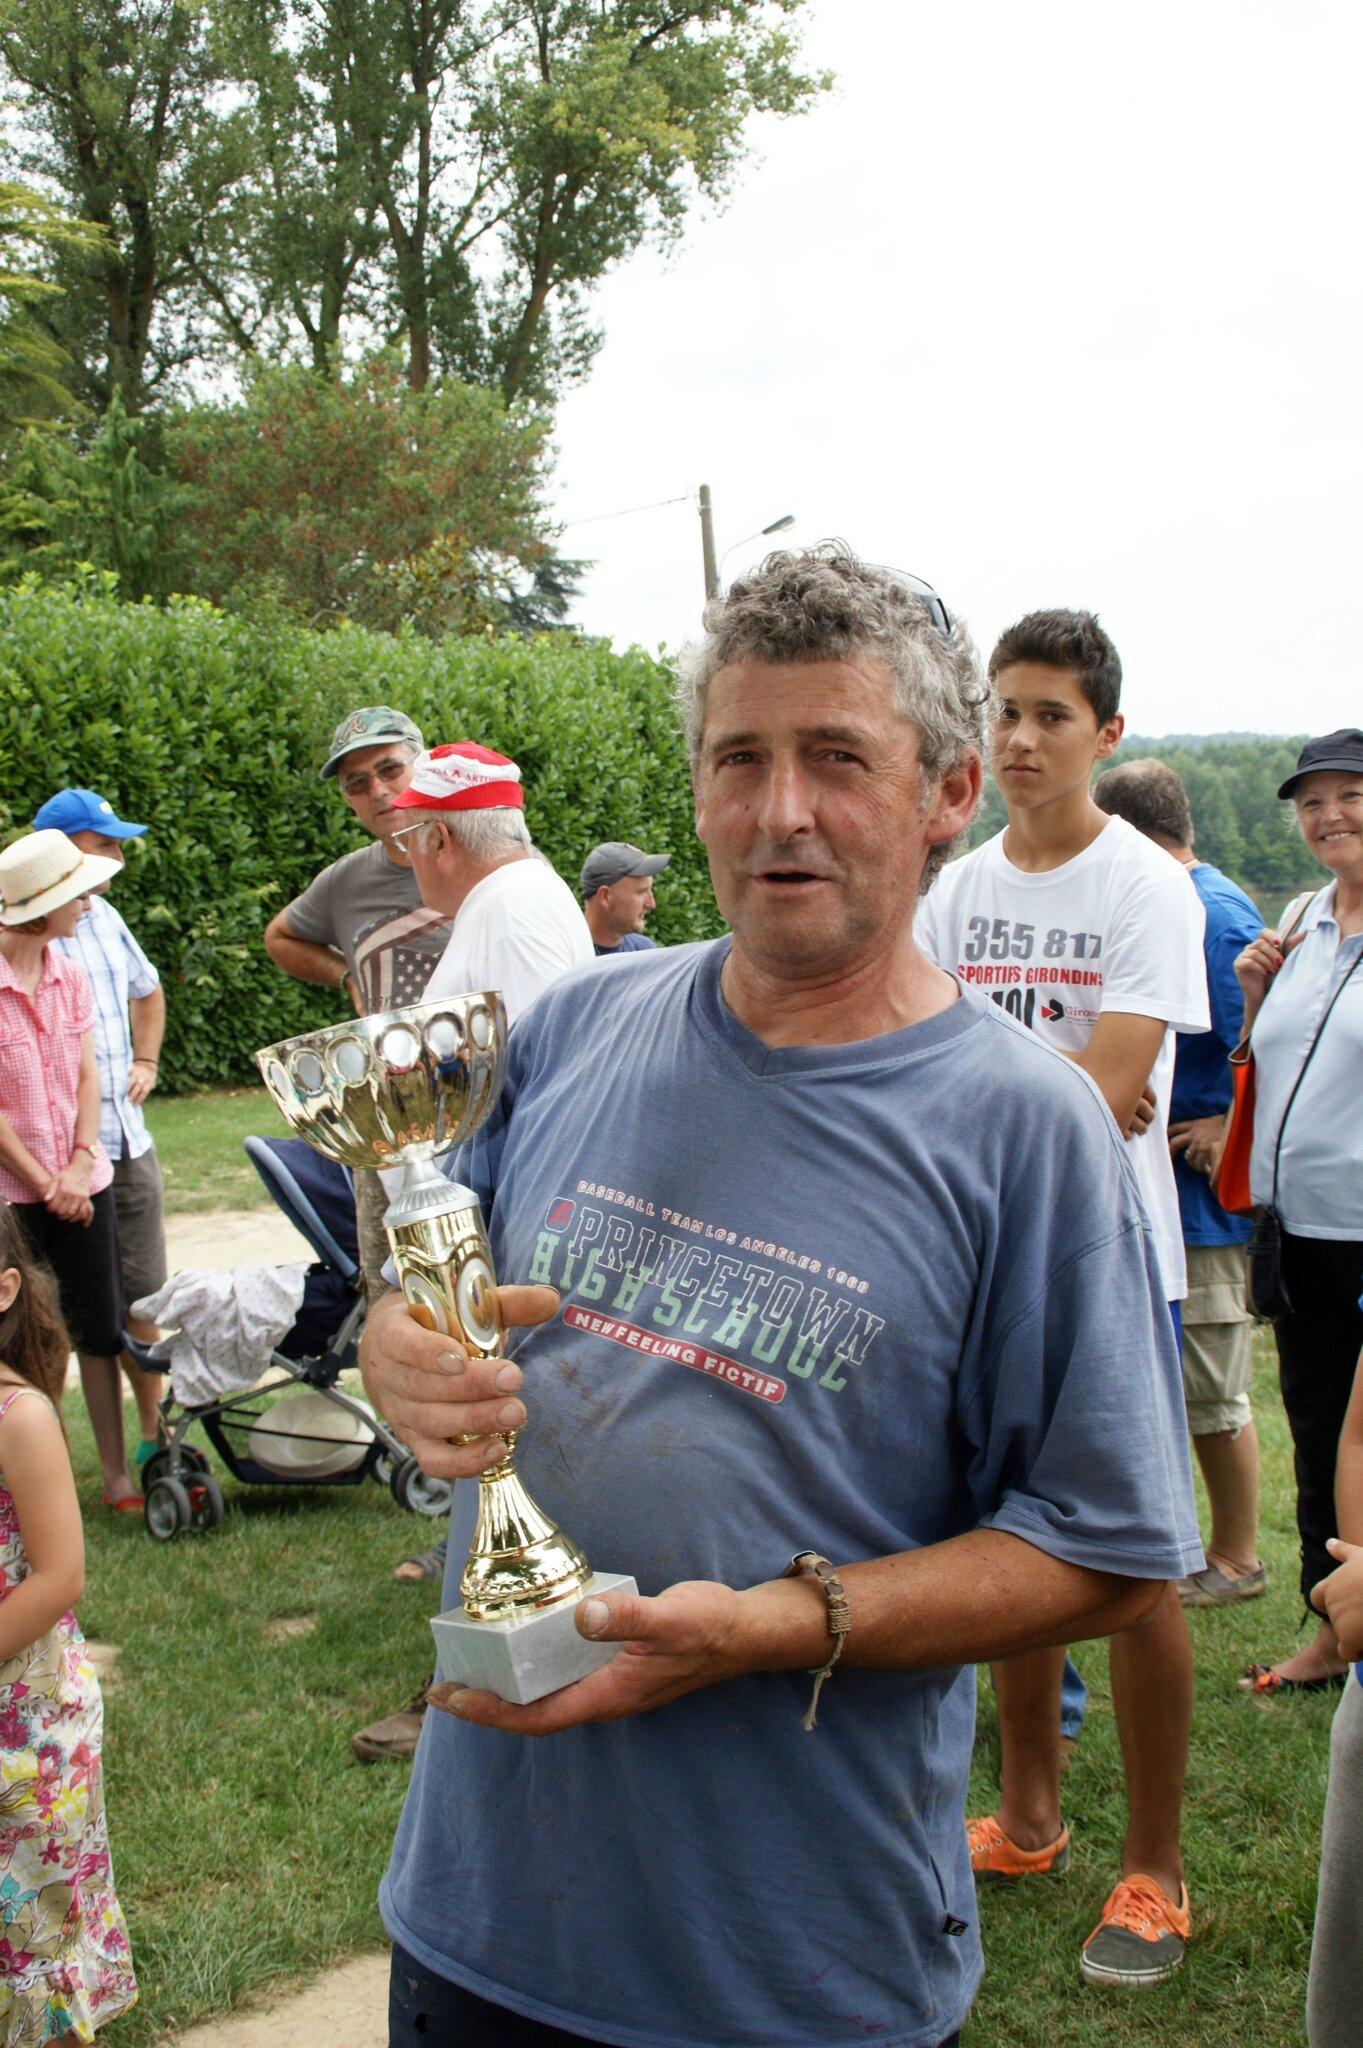 Concours de pêche 19 juillet 2014 (31)